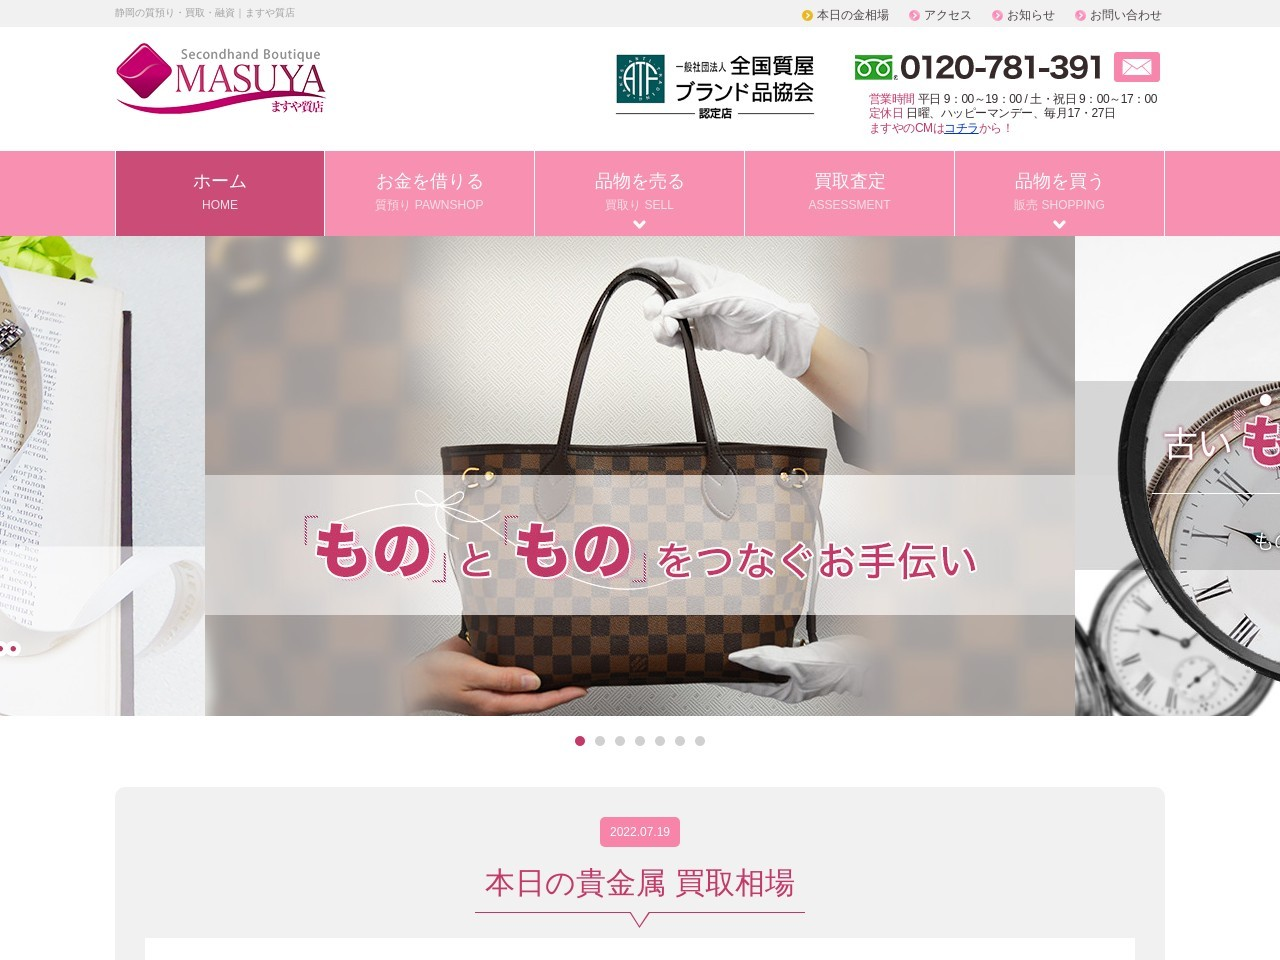 静岡のますや質店|ブランド品買取・質預り・融資